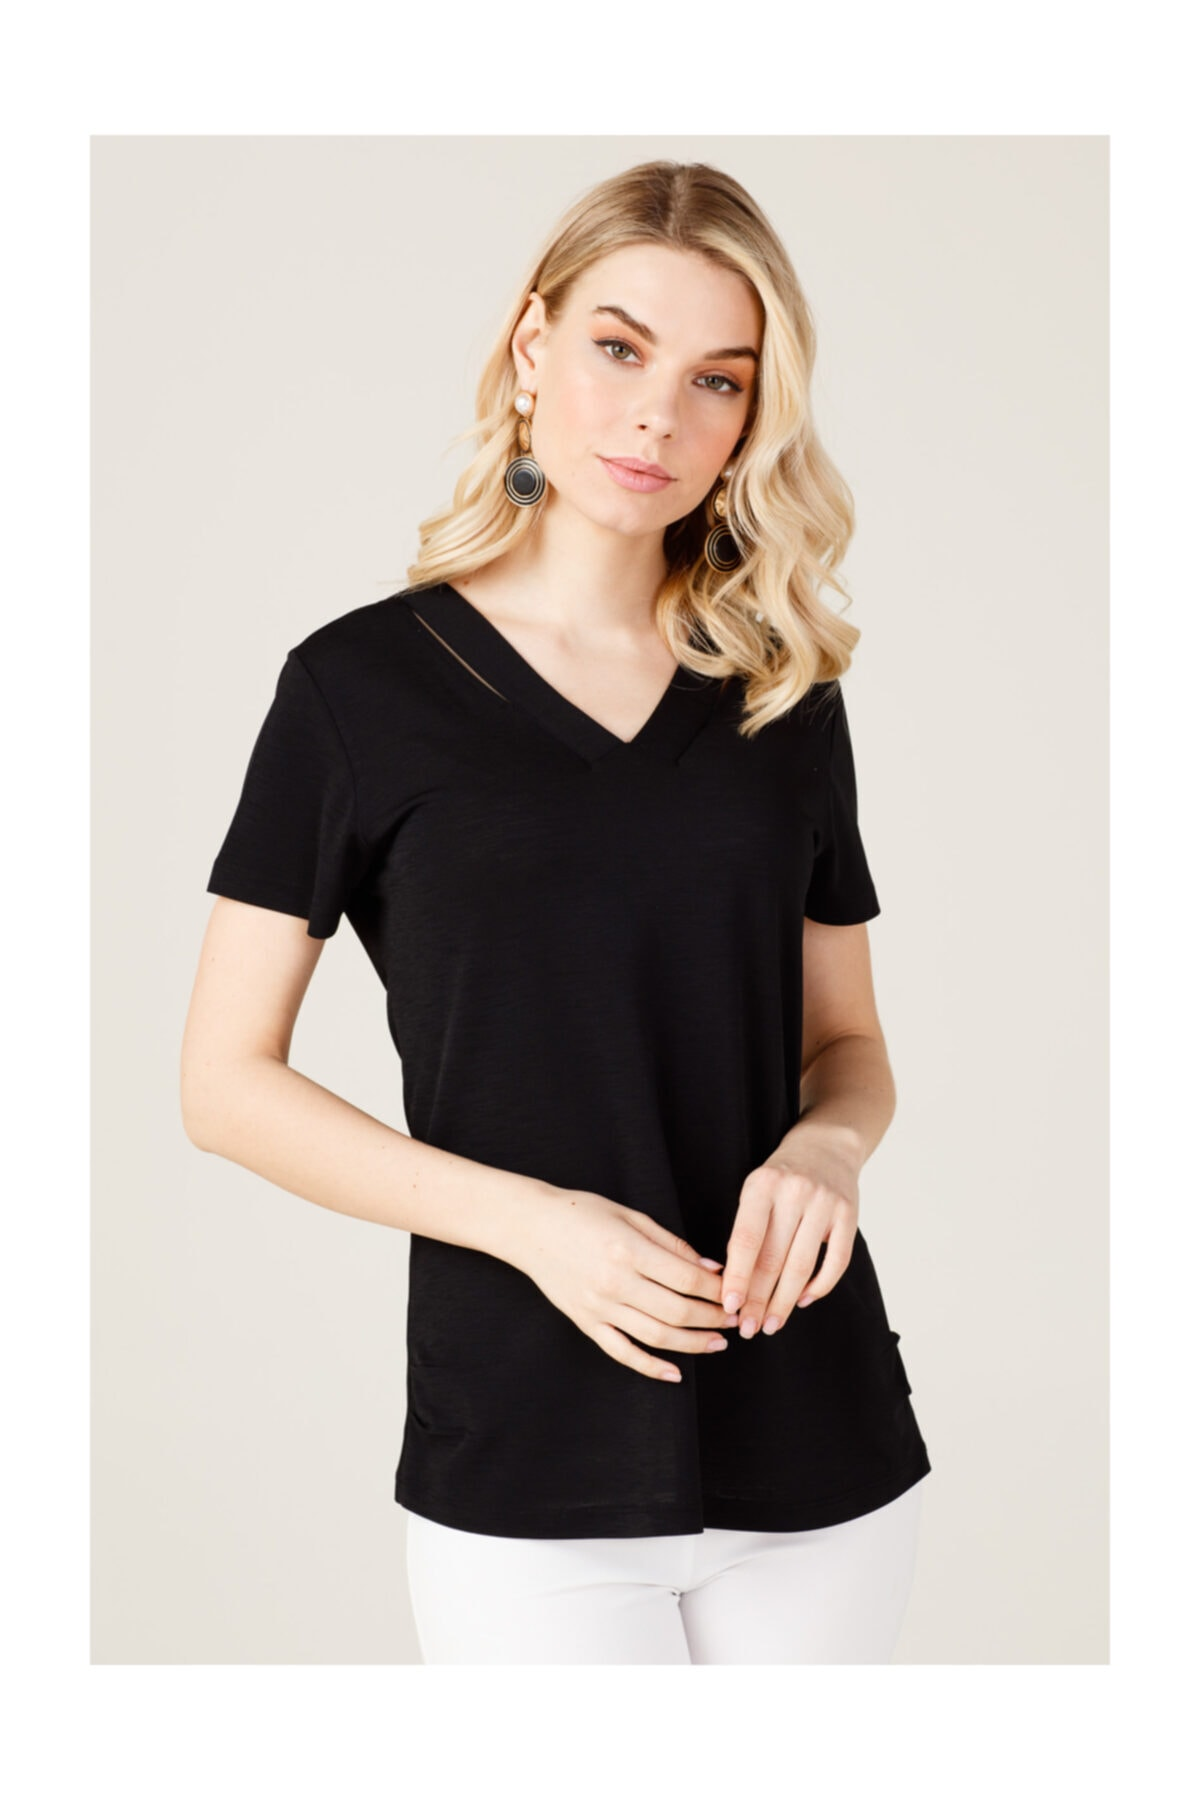 ON Yakası Parçalı Kadın Tişört 1